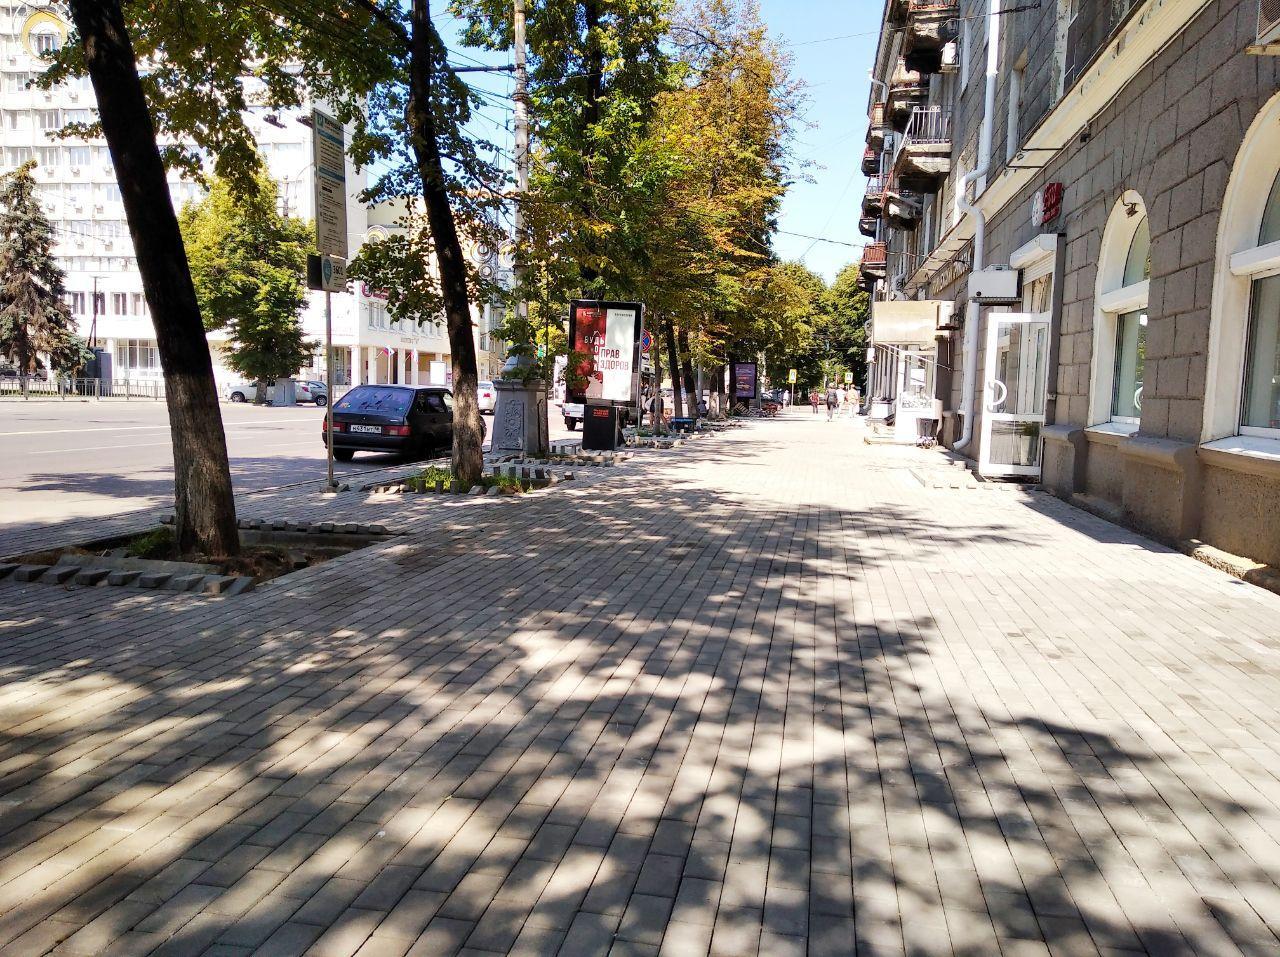 На ремонт тротуаров на Кирова потратили 4,1 млн. рублей. Что получилось, а что нет